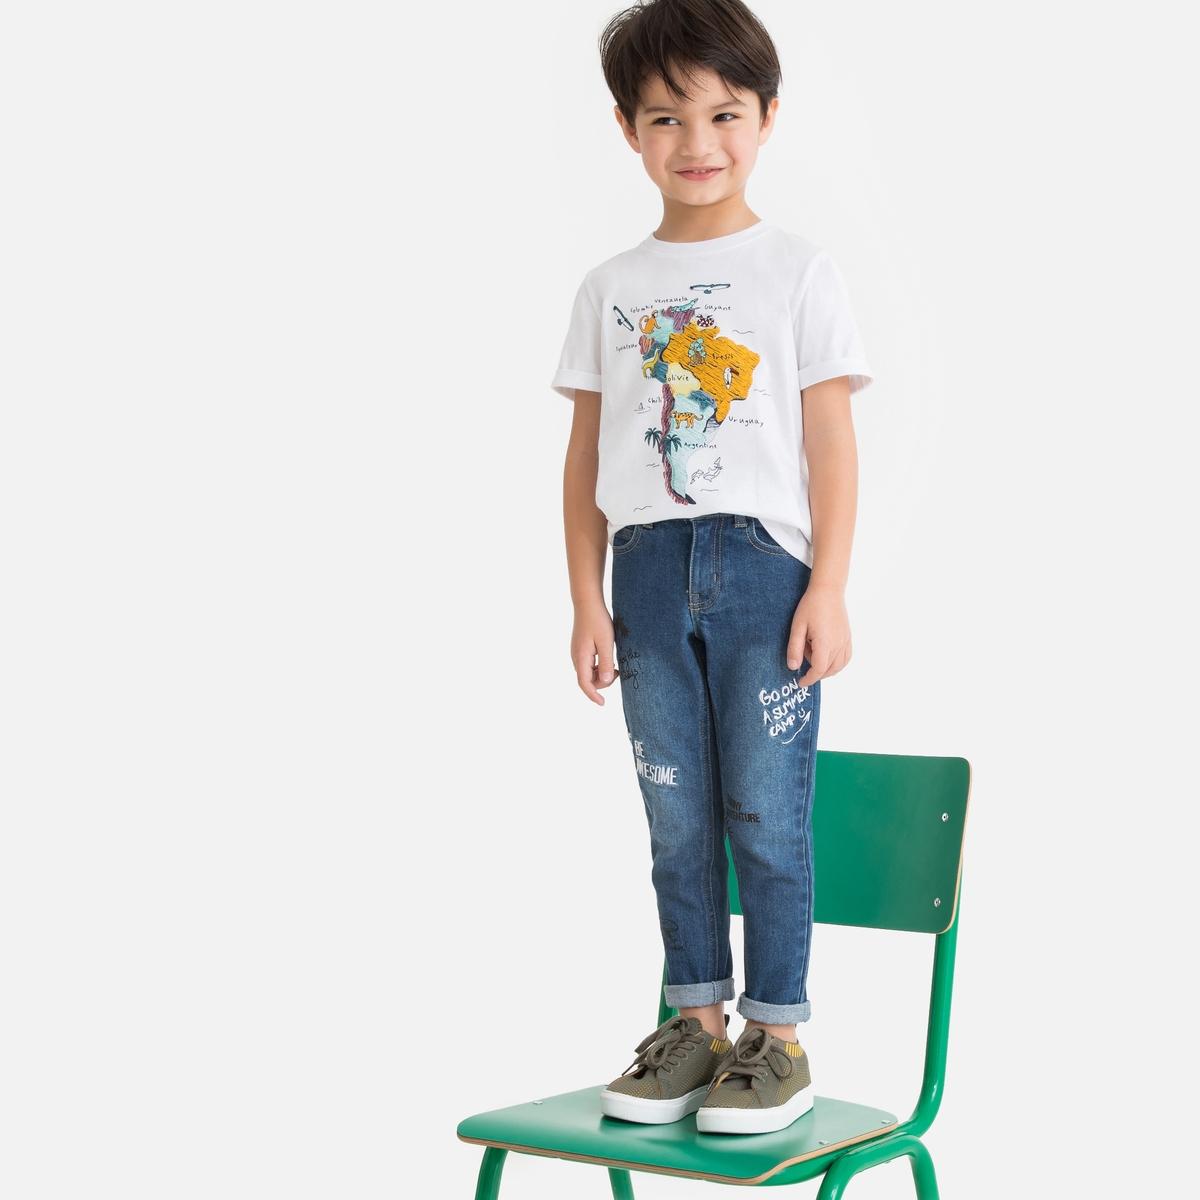 Джинсы La Redoute Узкие с принтом и вышивкой 10 синий джинсы la redoute узкие с вышивкой 8 другие